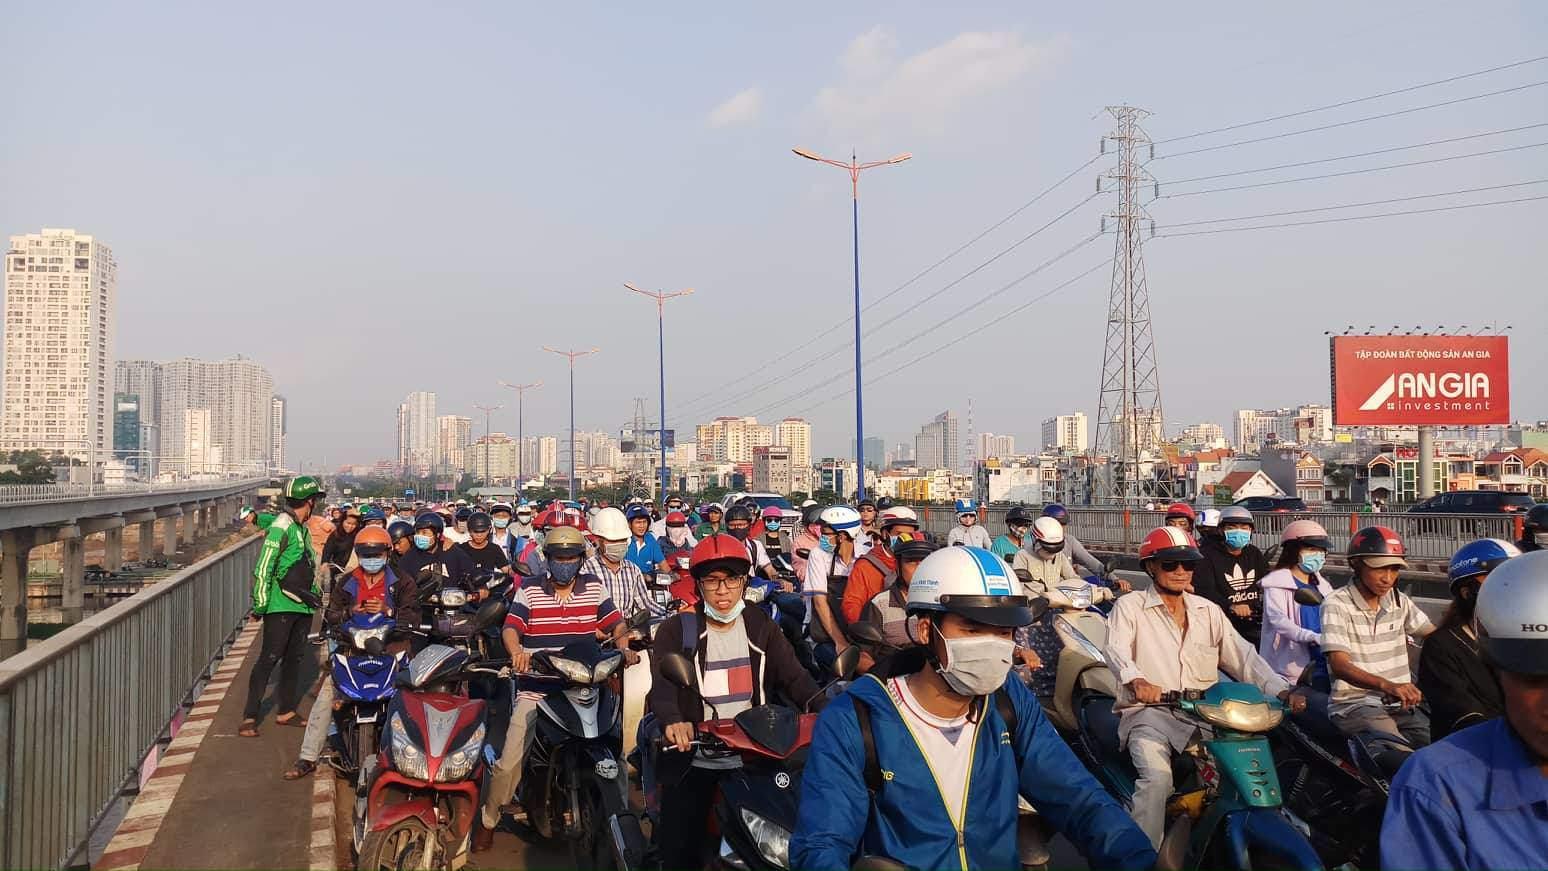 Cô gái để lại lá thư nhảy cầu Sài Gòn rồi bỏ đi: Hé lộ tình tiết bất ngờ-6